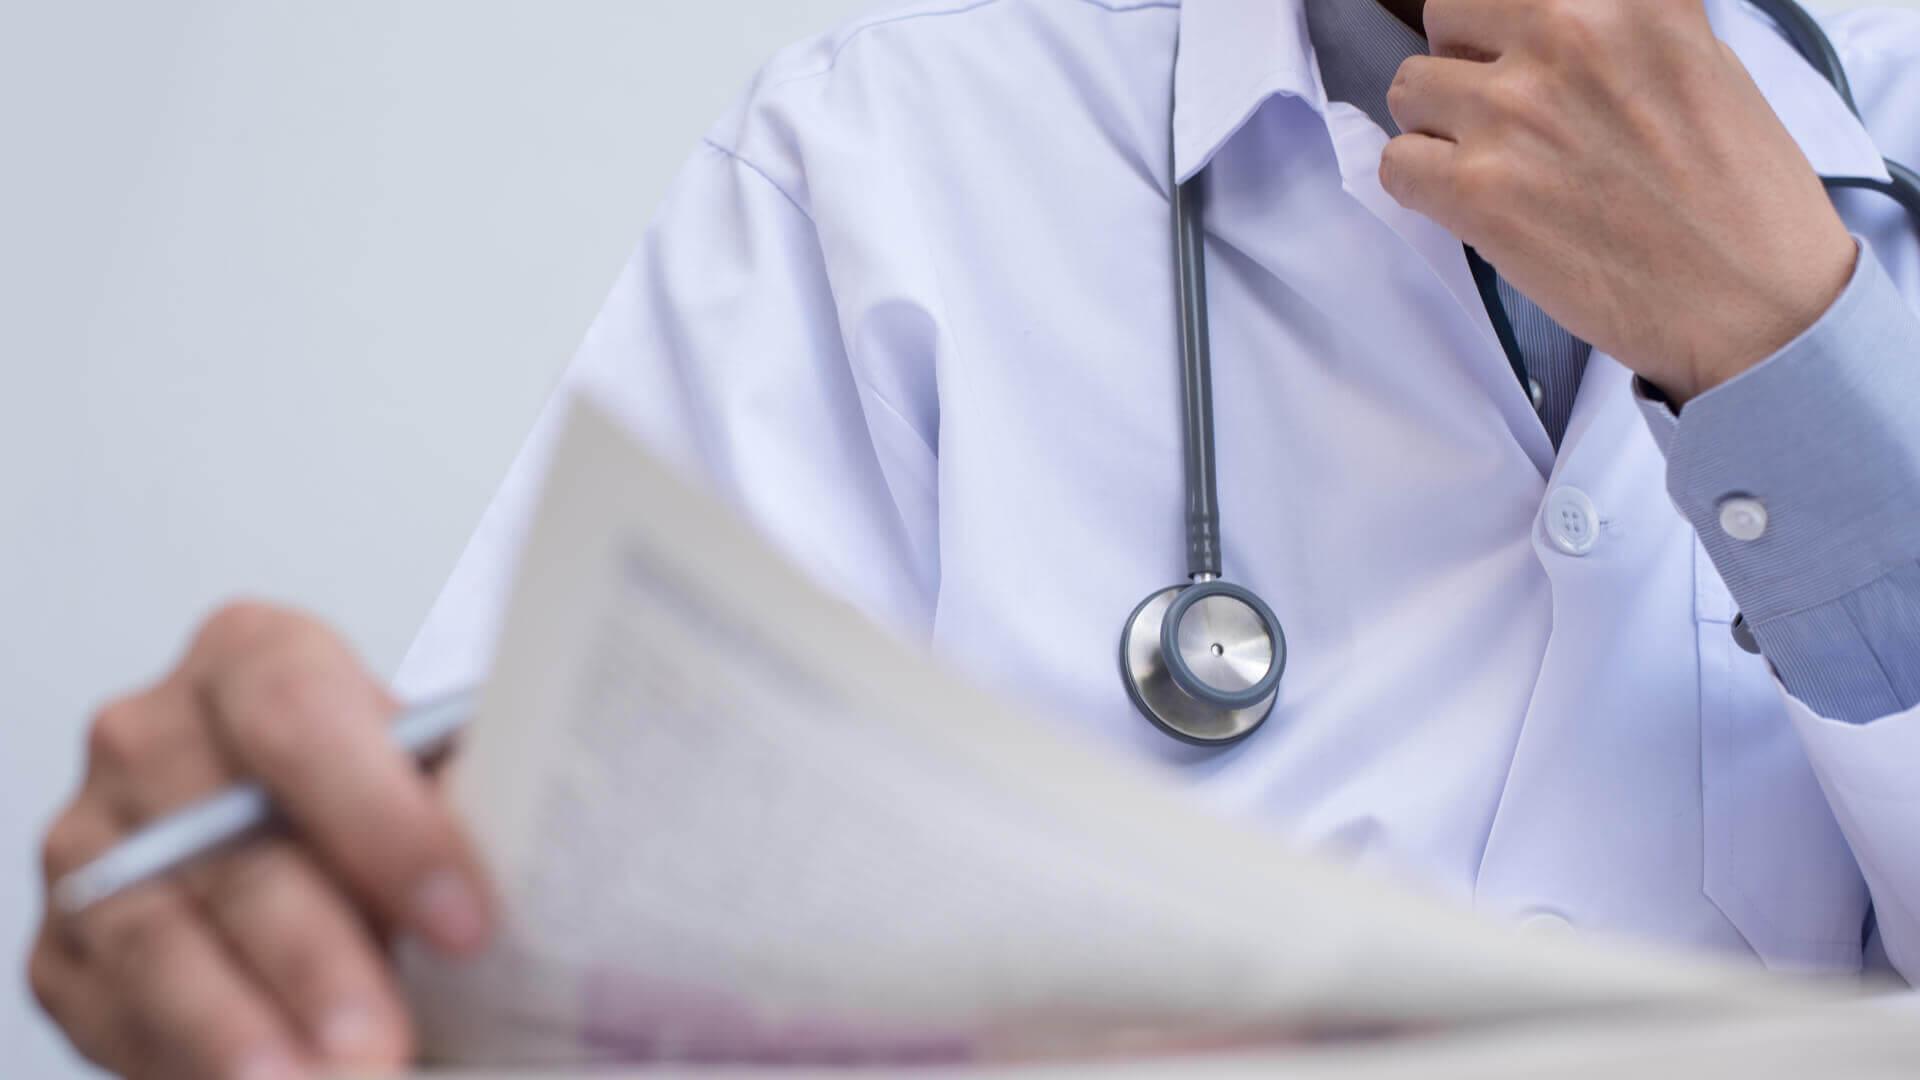 Sind medizinische Studien der Weisheit letzter Schluss?